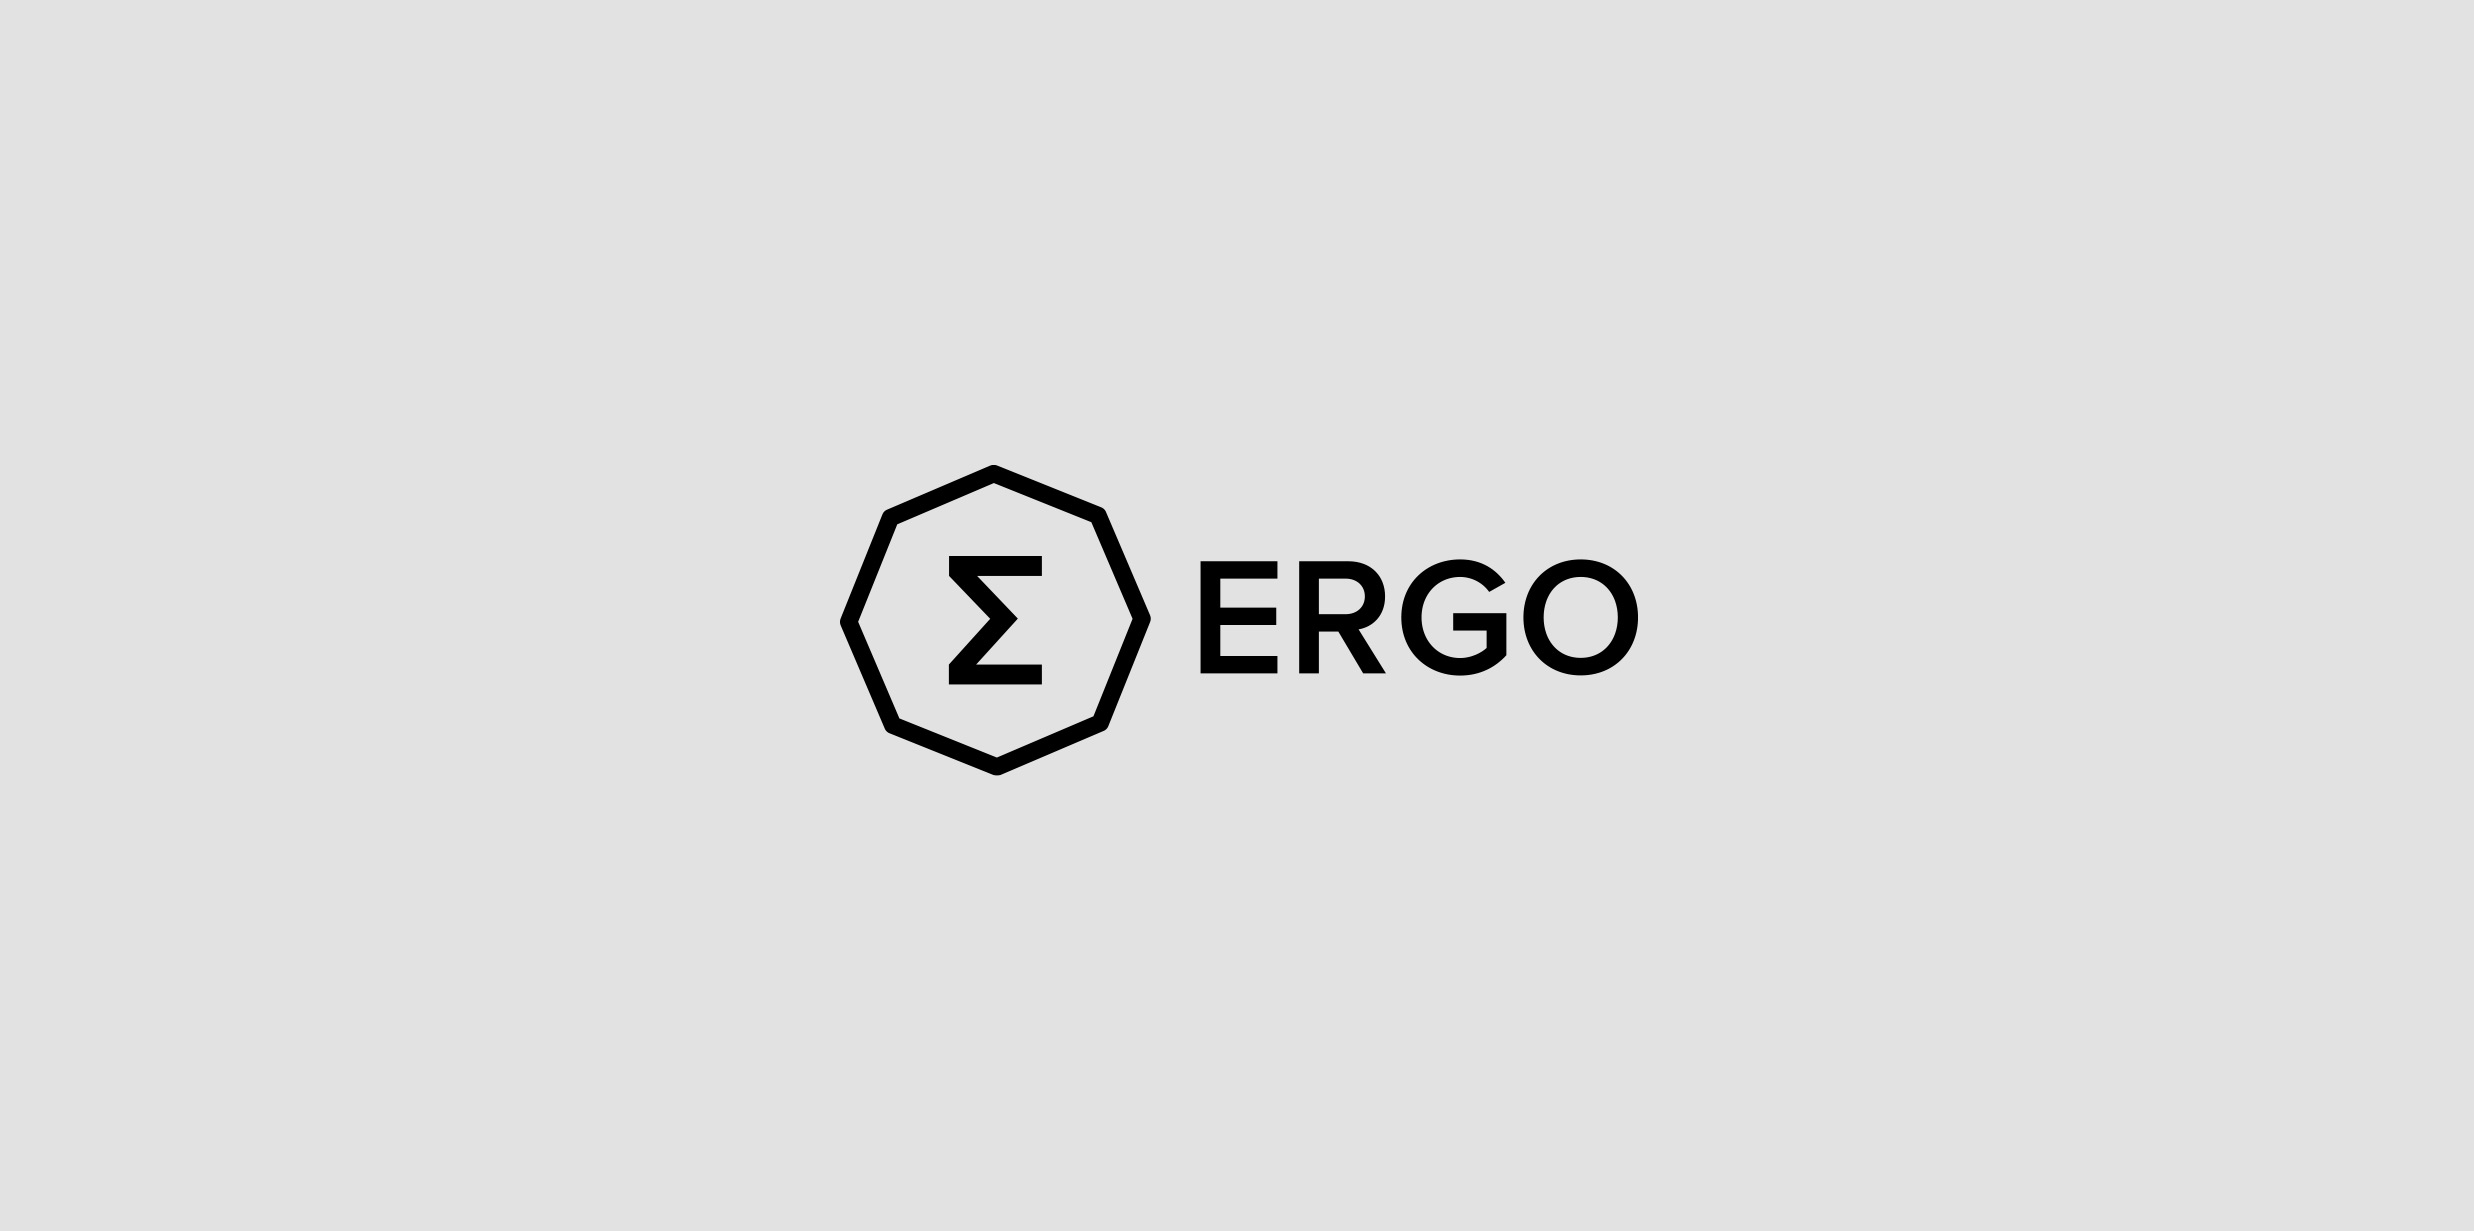 02_ergo